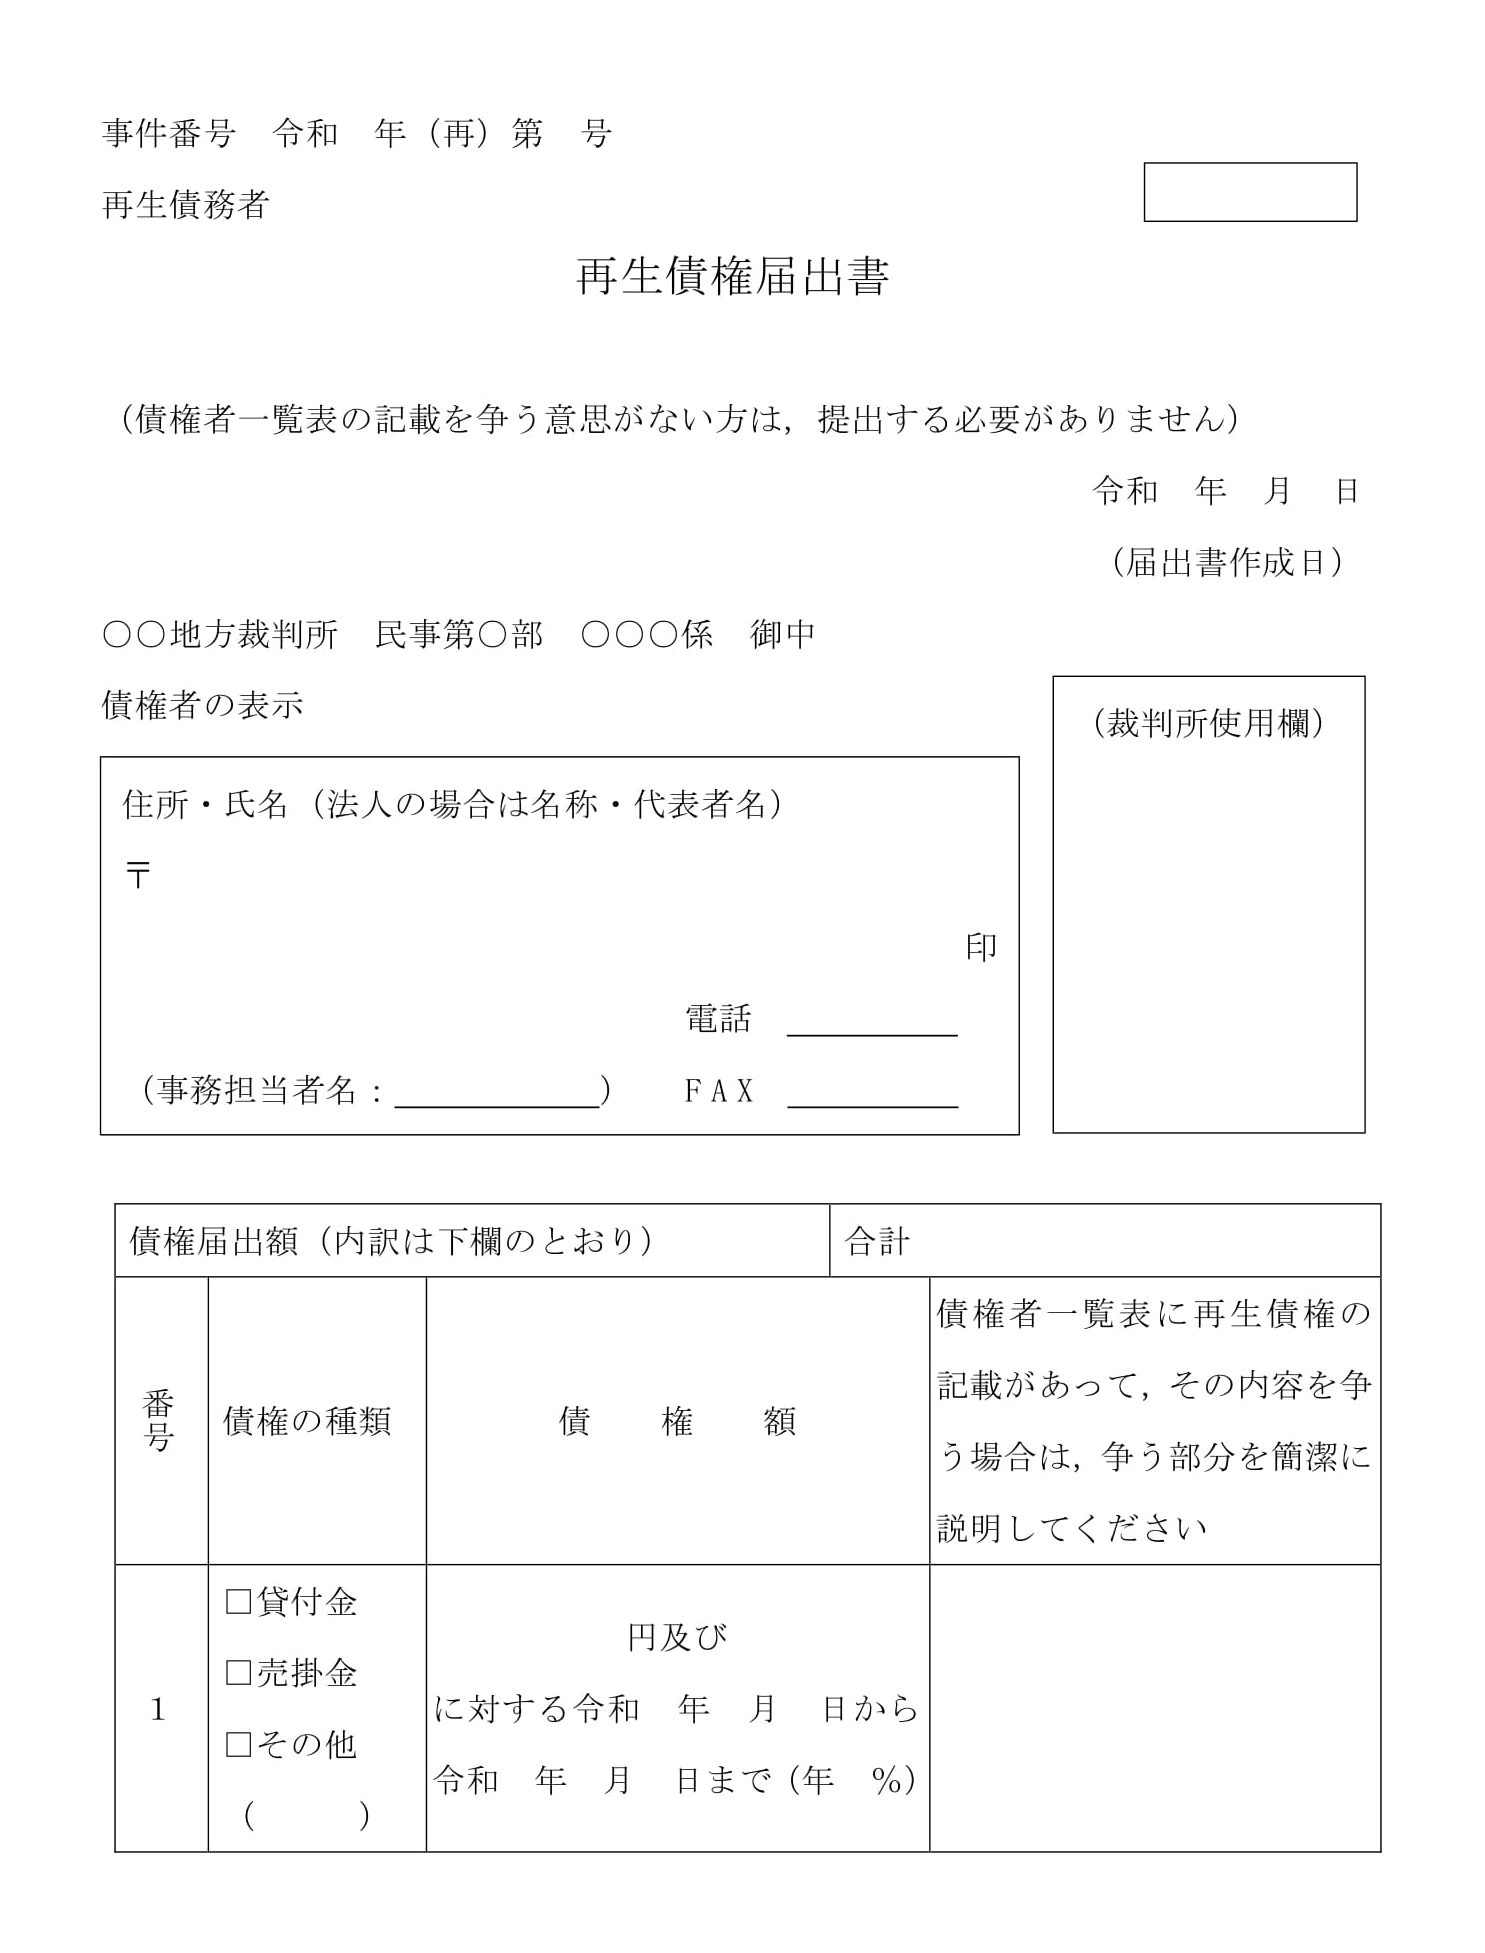 会員登録不要で無料でダウンロードできる再生債権届出書のテンプレート書式